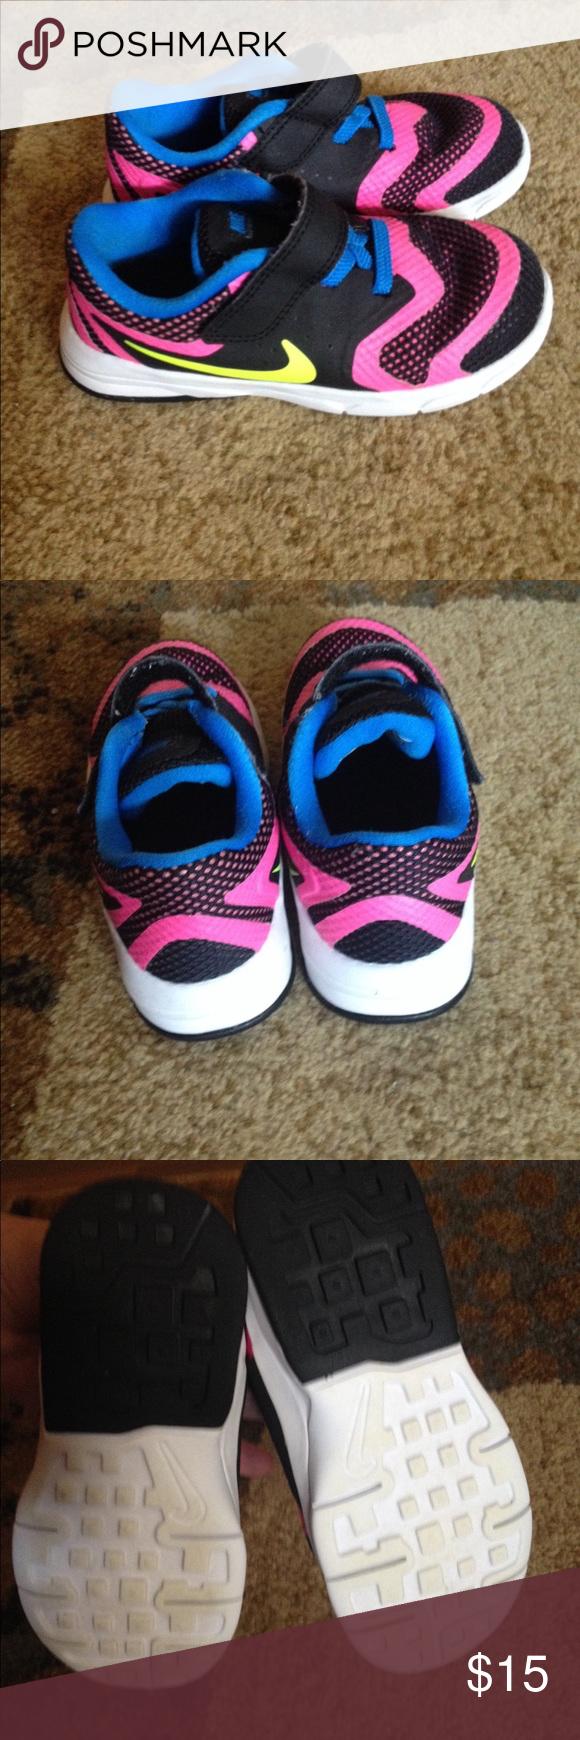 Girls Nike Shoes * Size 10c* toddler * kids *